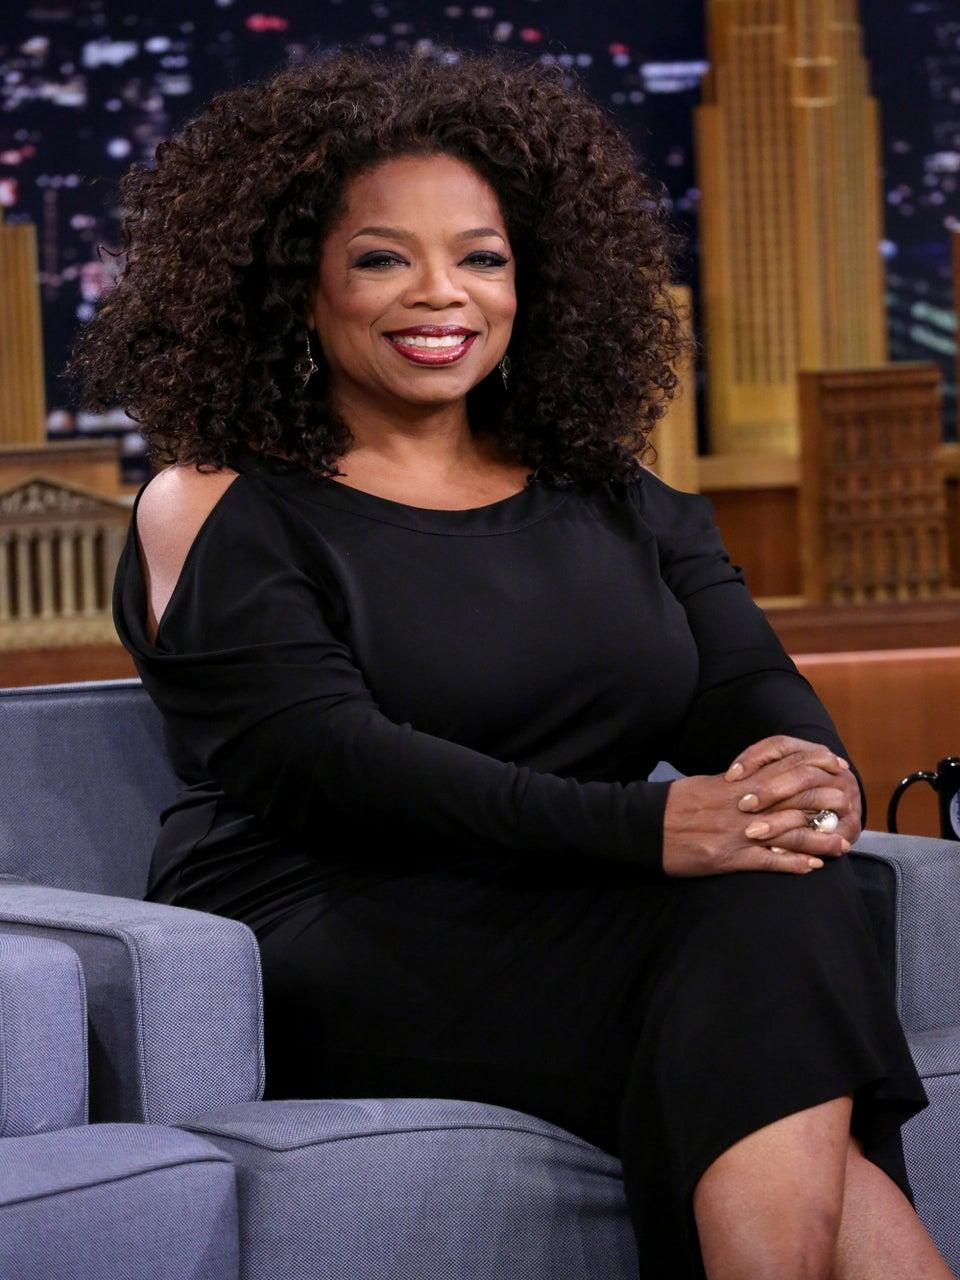 Oprah Releases Her 2015 'Favorite Things' List